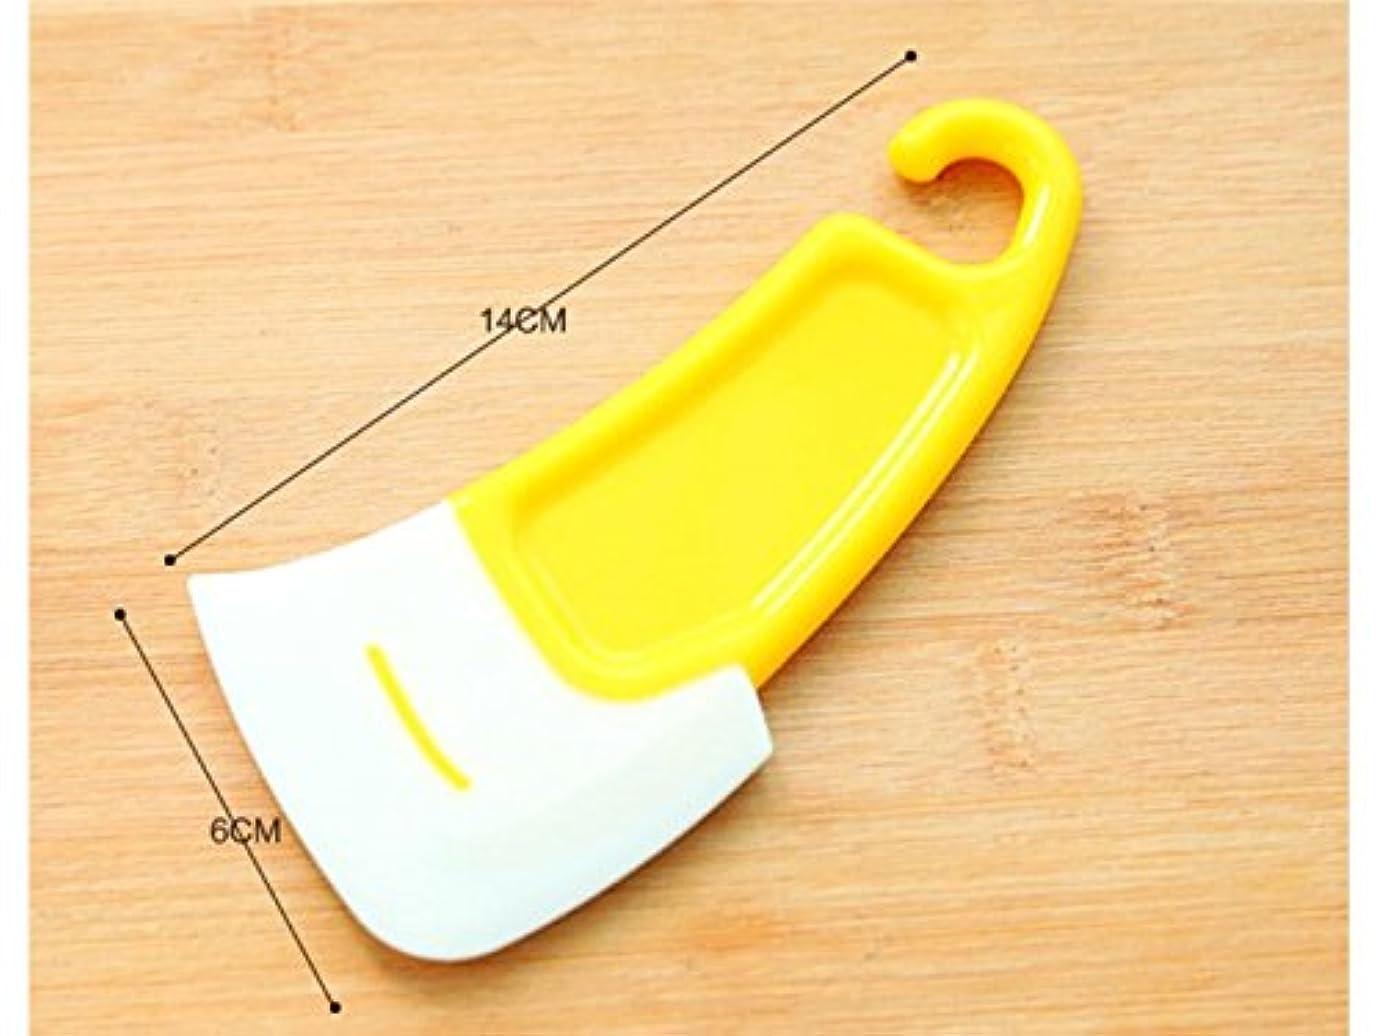 ソース然とした設計図Oside キッチンクリーニングブラシシリコンスクレーパーノンスティックオイルスクレーパーブラシポットツール